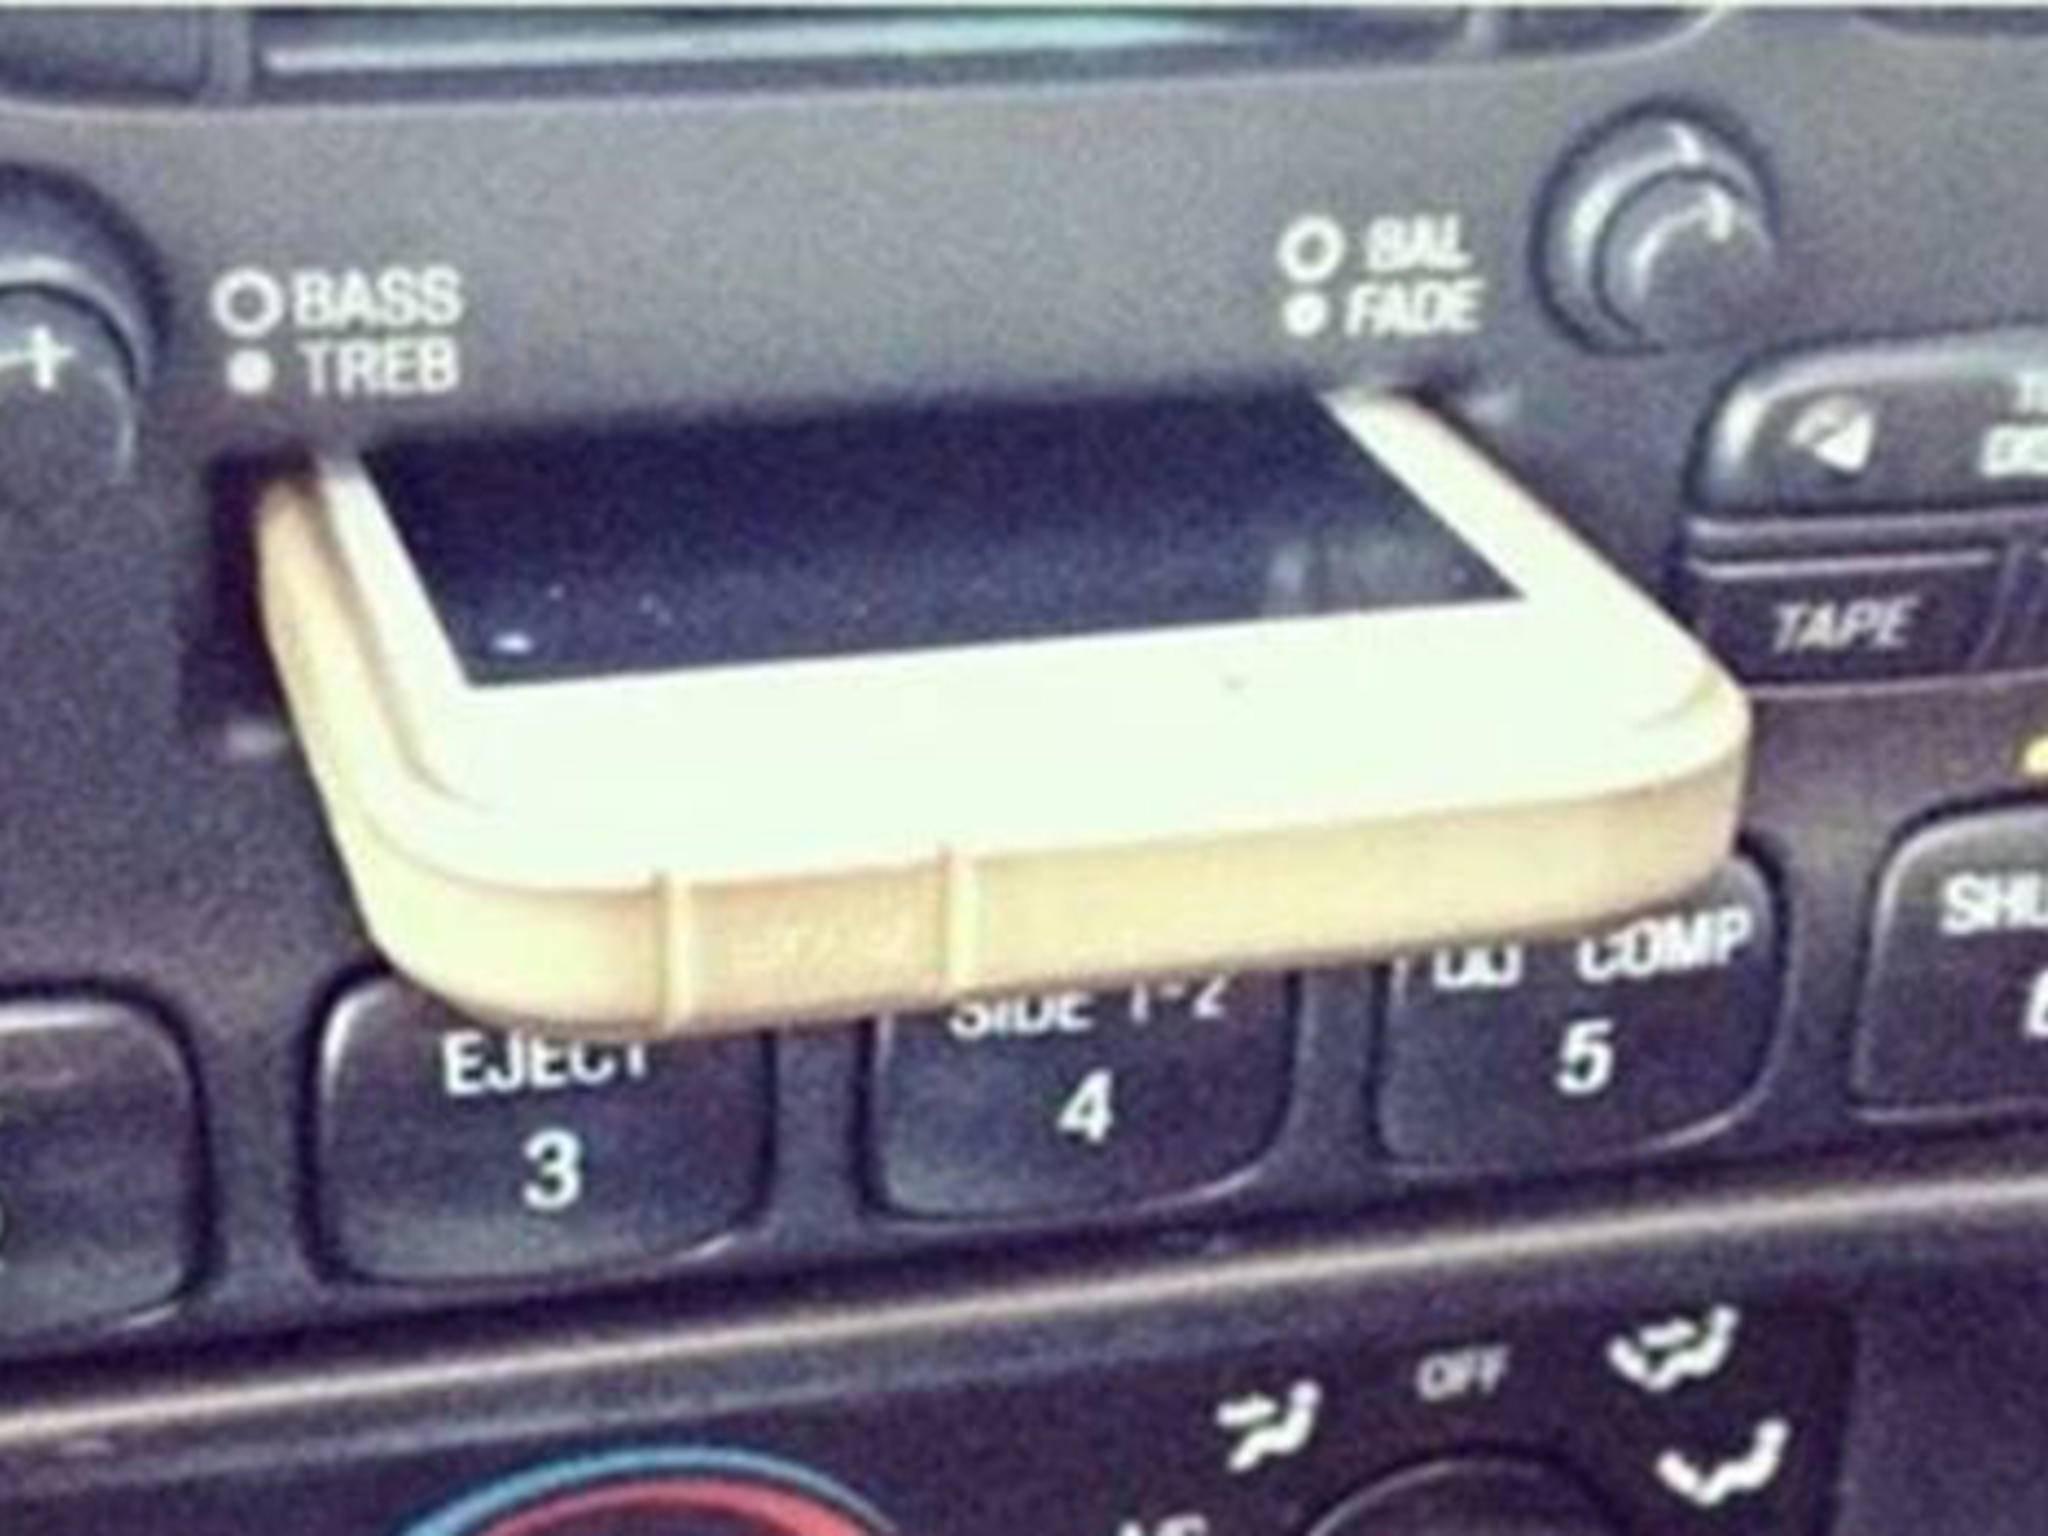 Das iPhone passt tatsächlich in ein Kassetendeck.